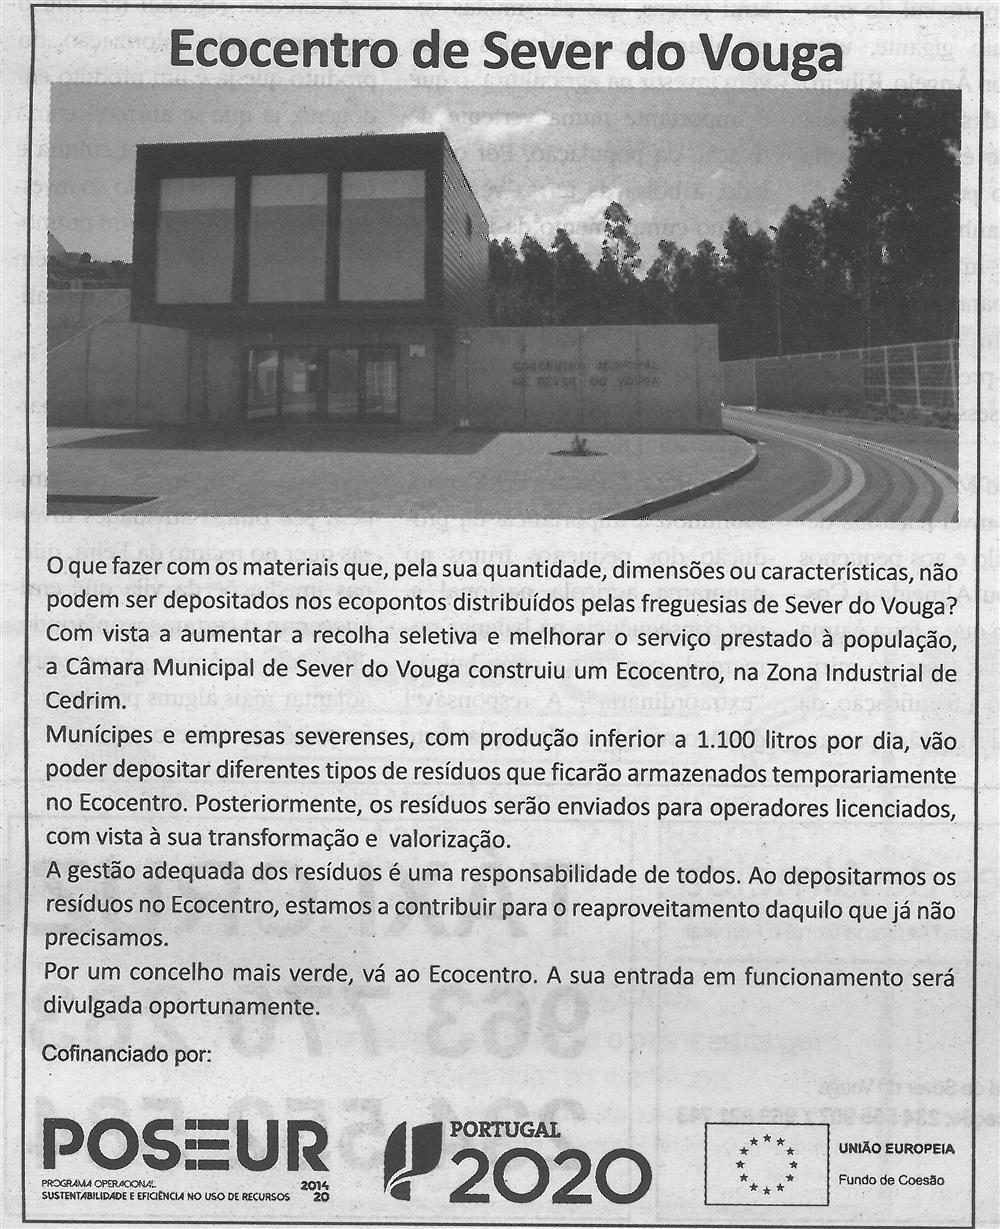 TV-jul'18-p.6-Ecocentro de Sever do Vouga.jpg